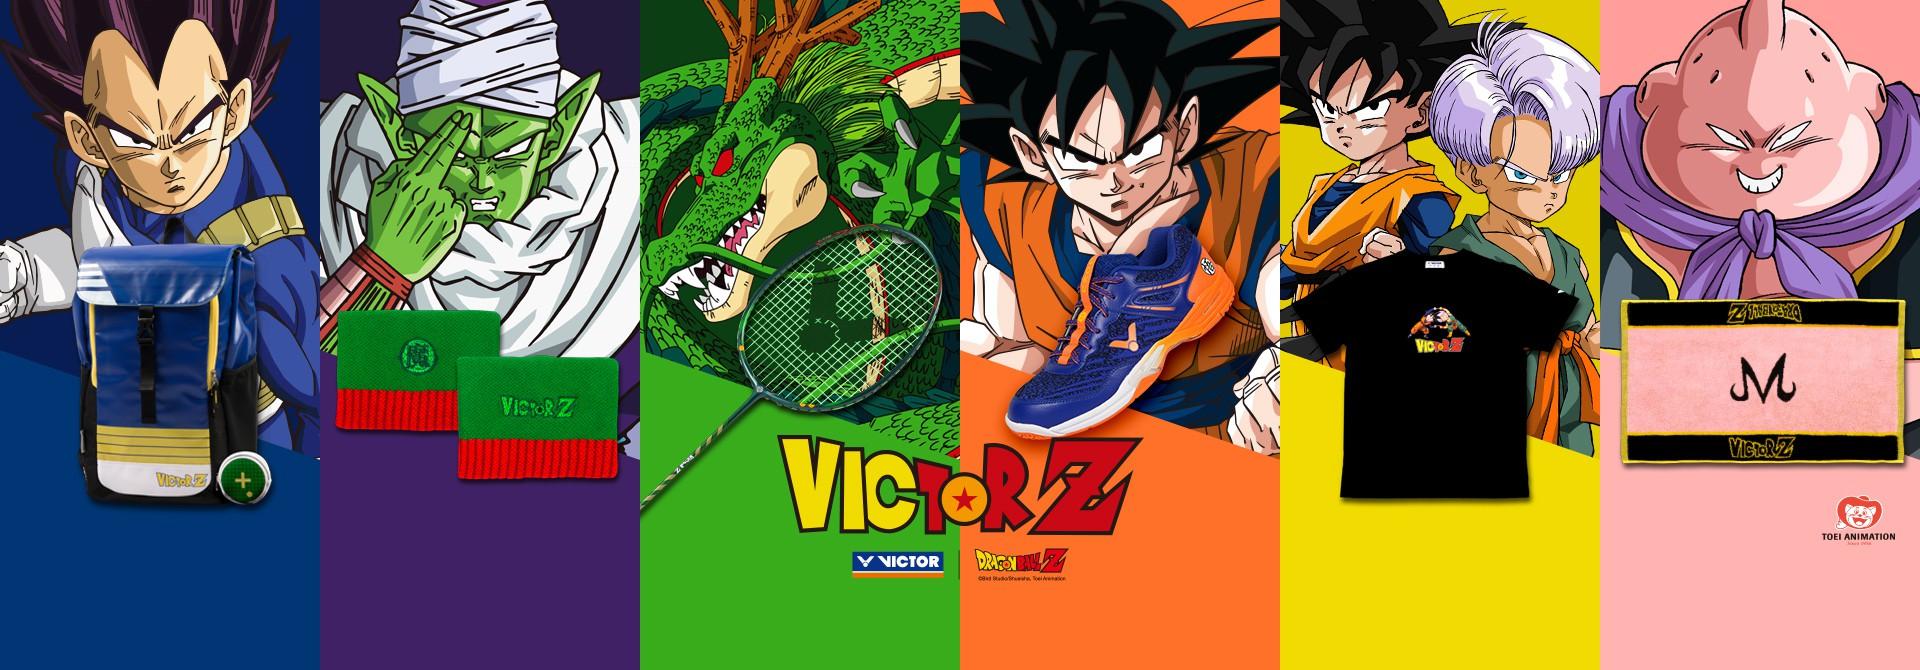 VICTOR Z